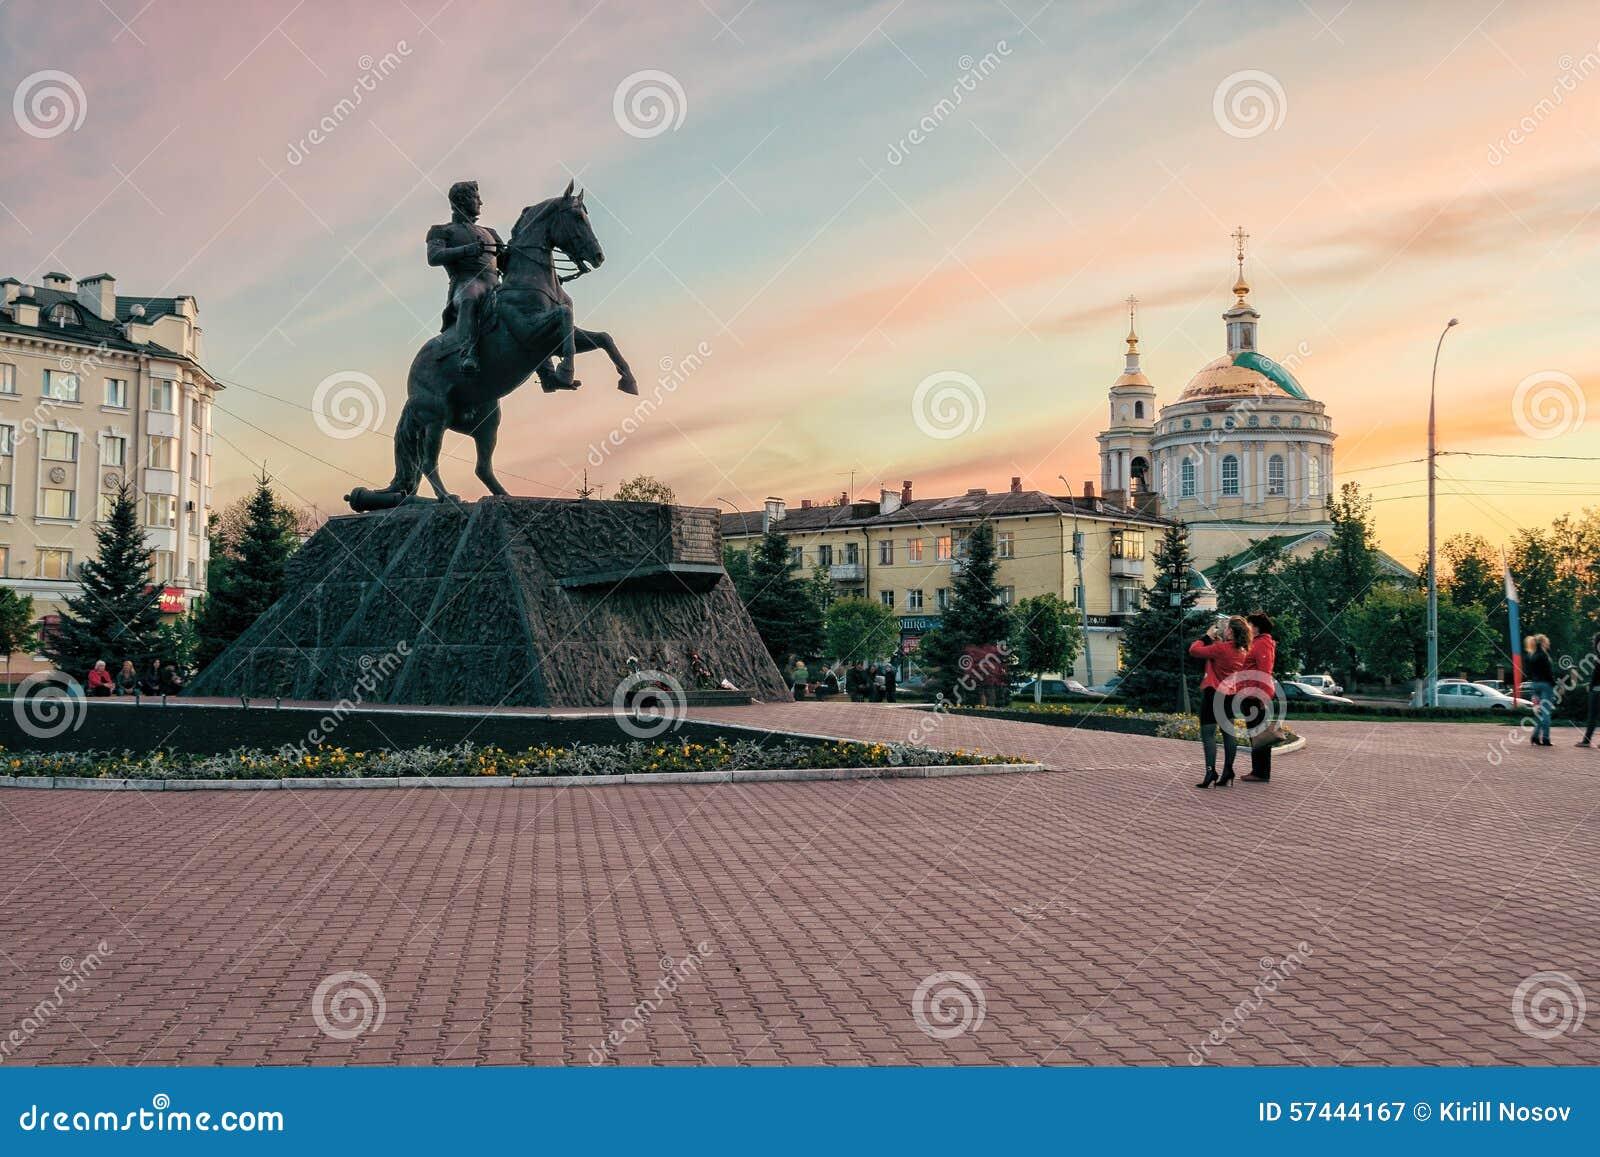 Monumento a general Yermolov, ciudad de Orel, Rusia